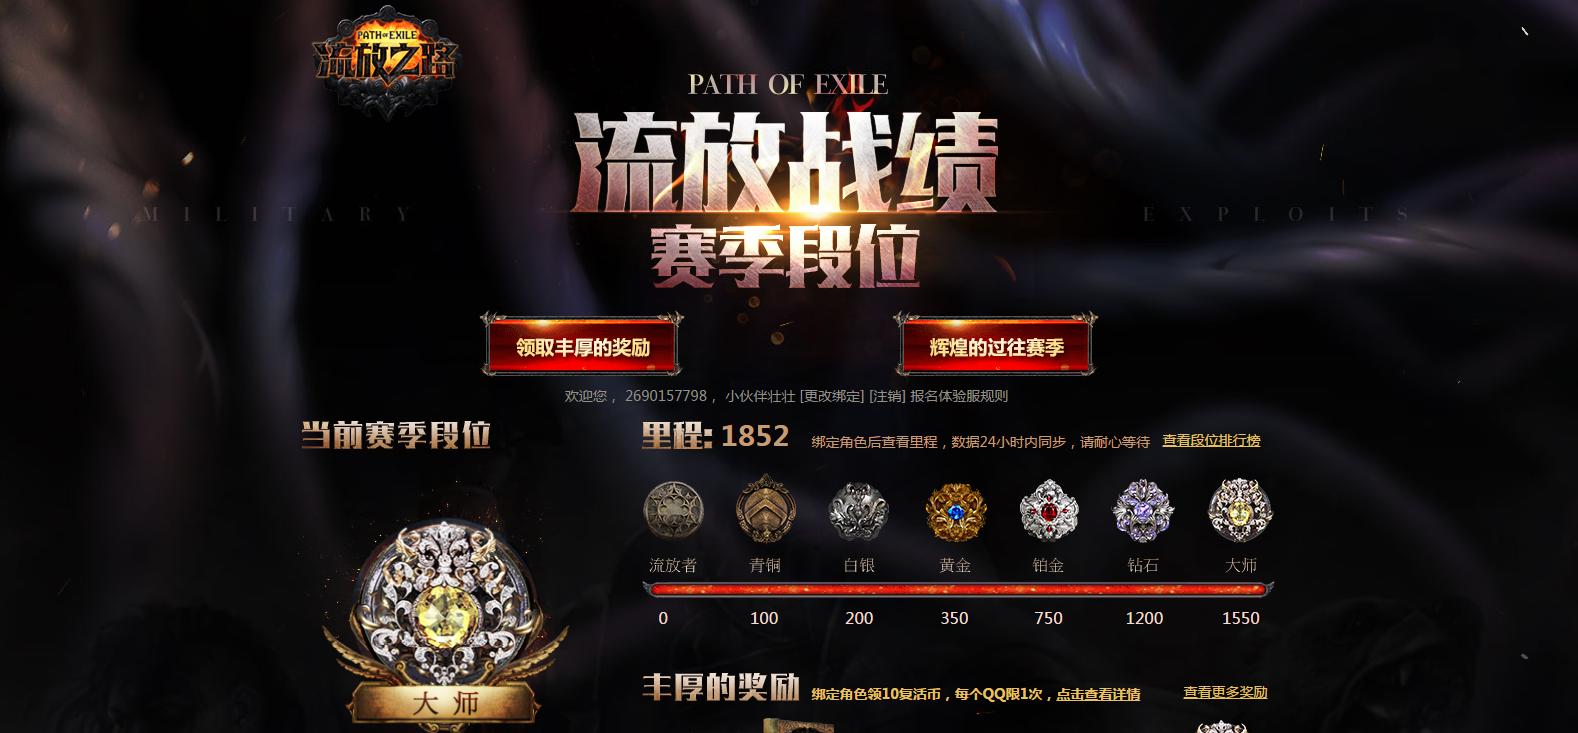 流放战绩-辉煌永驻-流放之路-POE-官方网站-腾讯游戏.png